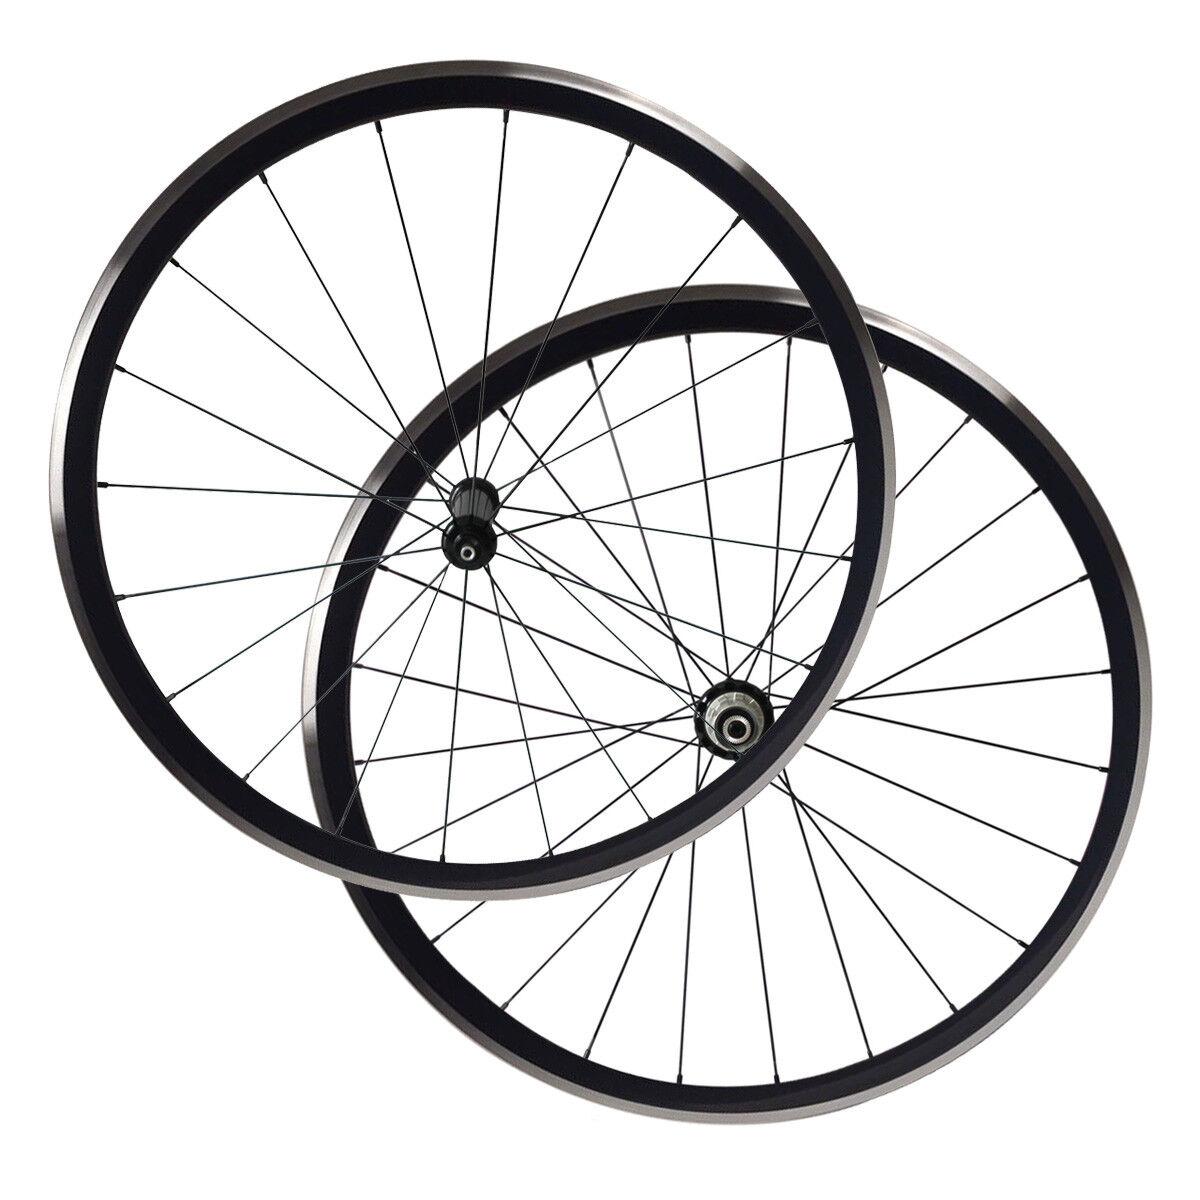 Road Bike Wheel Set Kinlin XR300 30mm Clincher 19mm Width Alloy Wheel Set